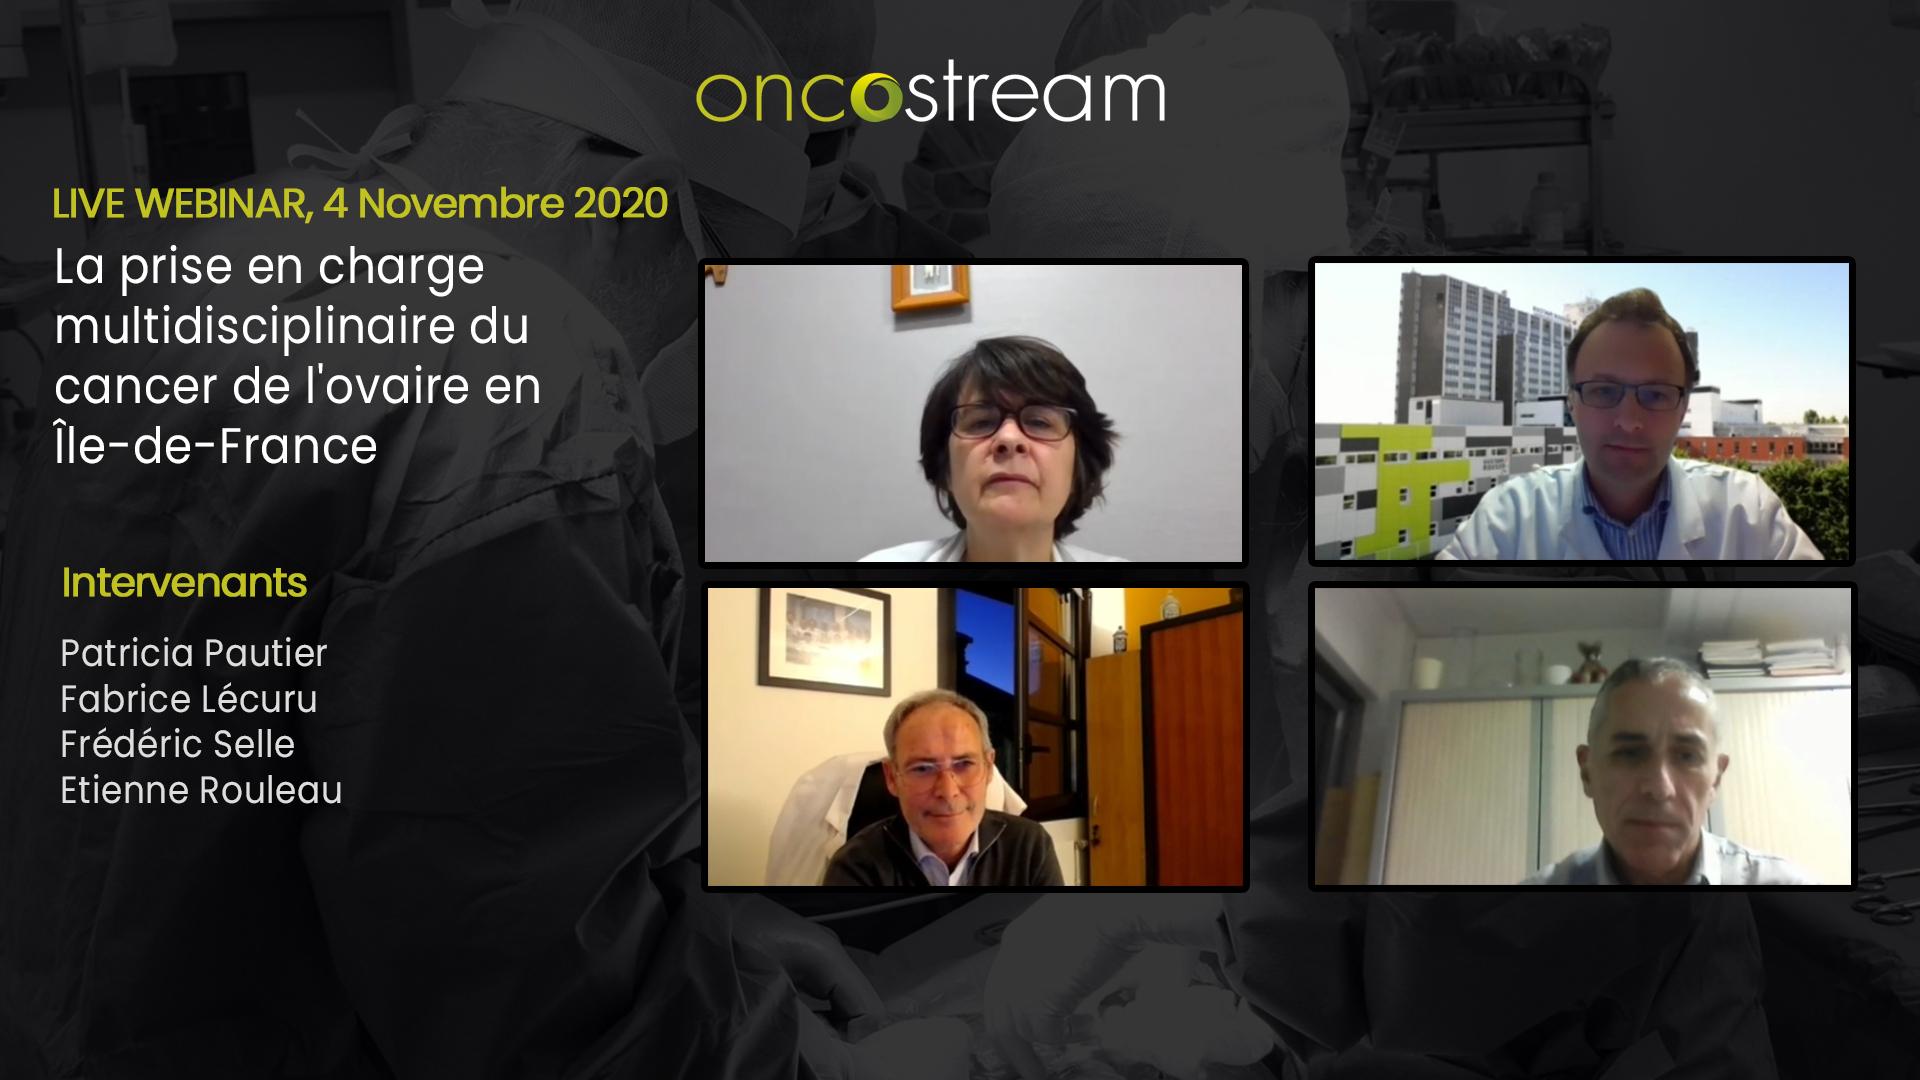 La prise en charge multidisciplinaire du cancer de l'ovaire en Île-de-France